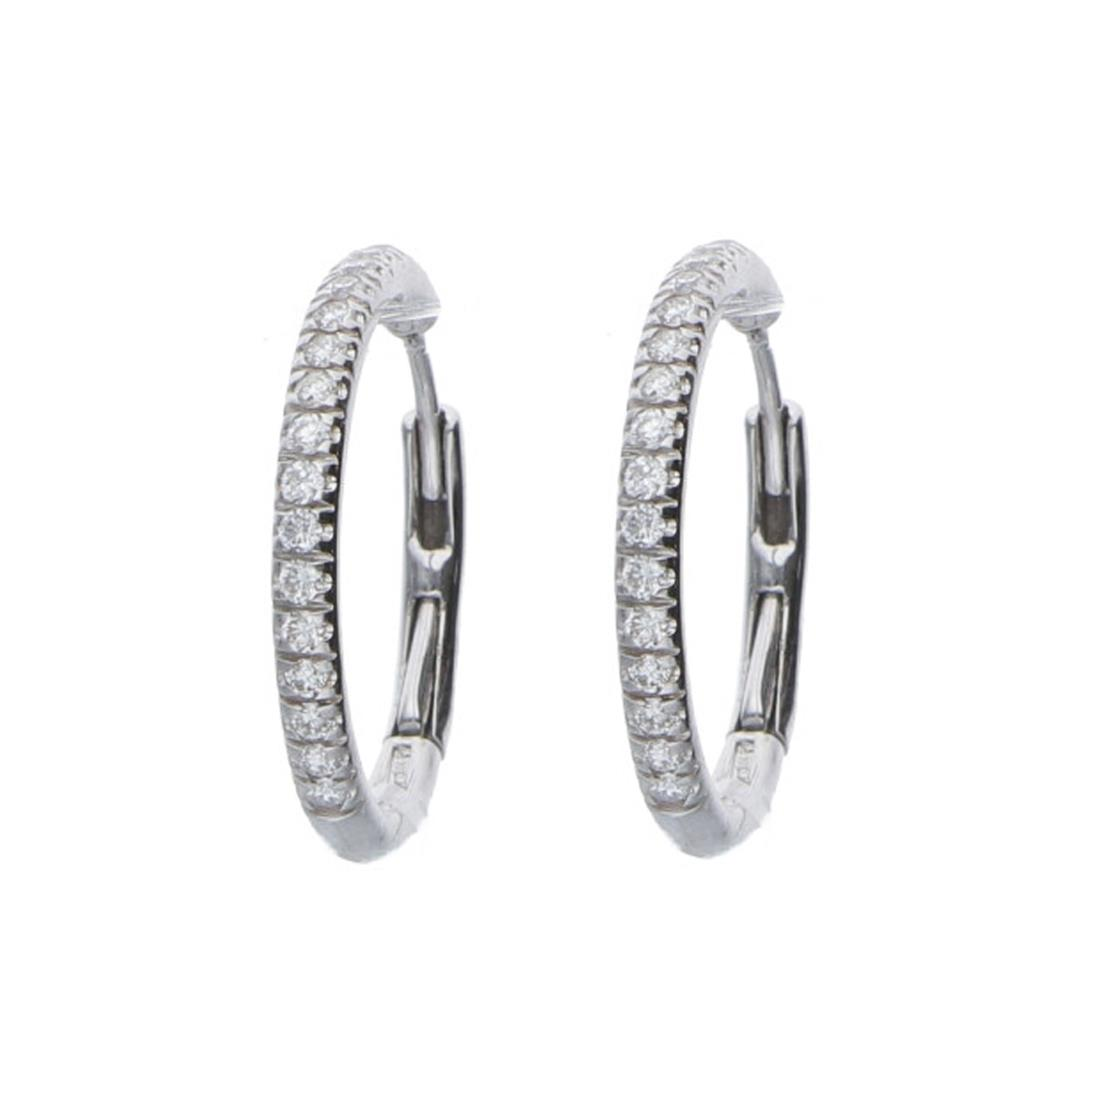 Orecchini a cerchio in oro bianco con diamanti - ALFIERI ST JOHN